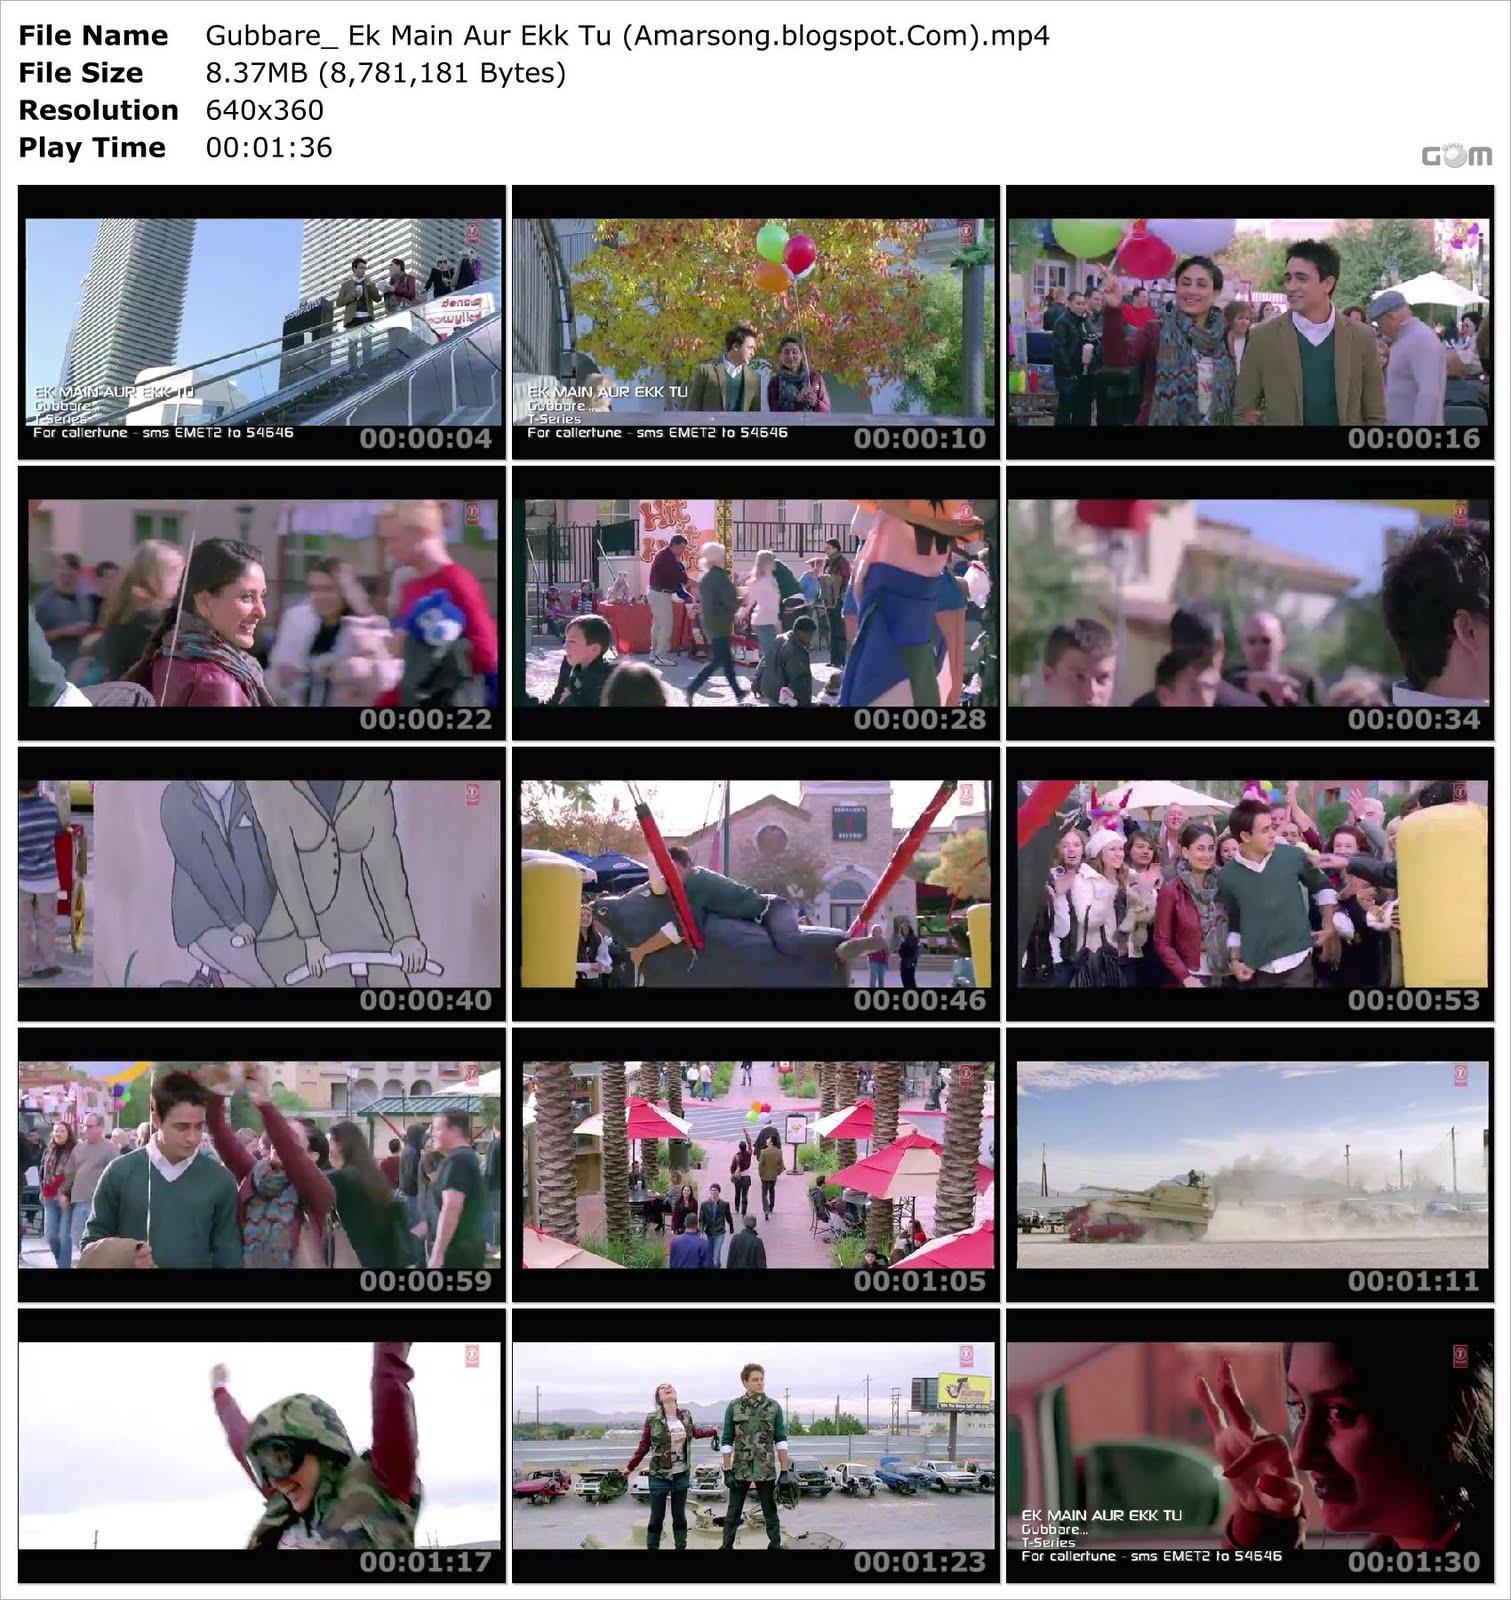 Gubbare Video Download (Ek Main Aur Ekk Tu)